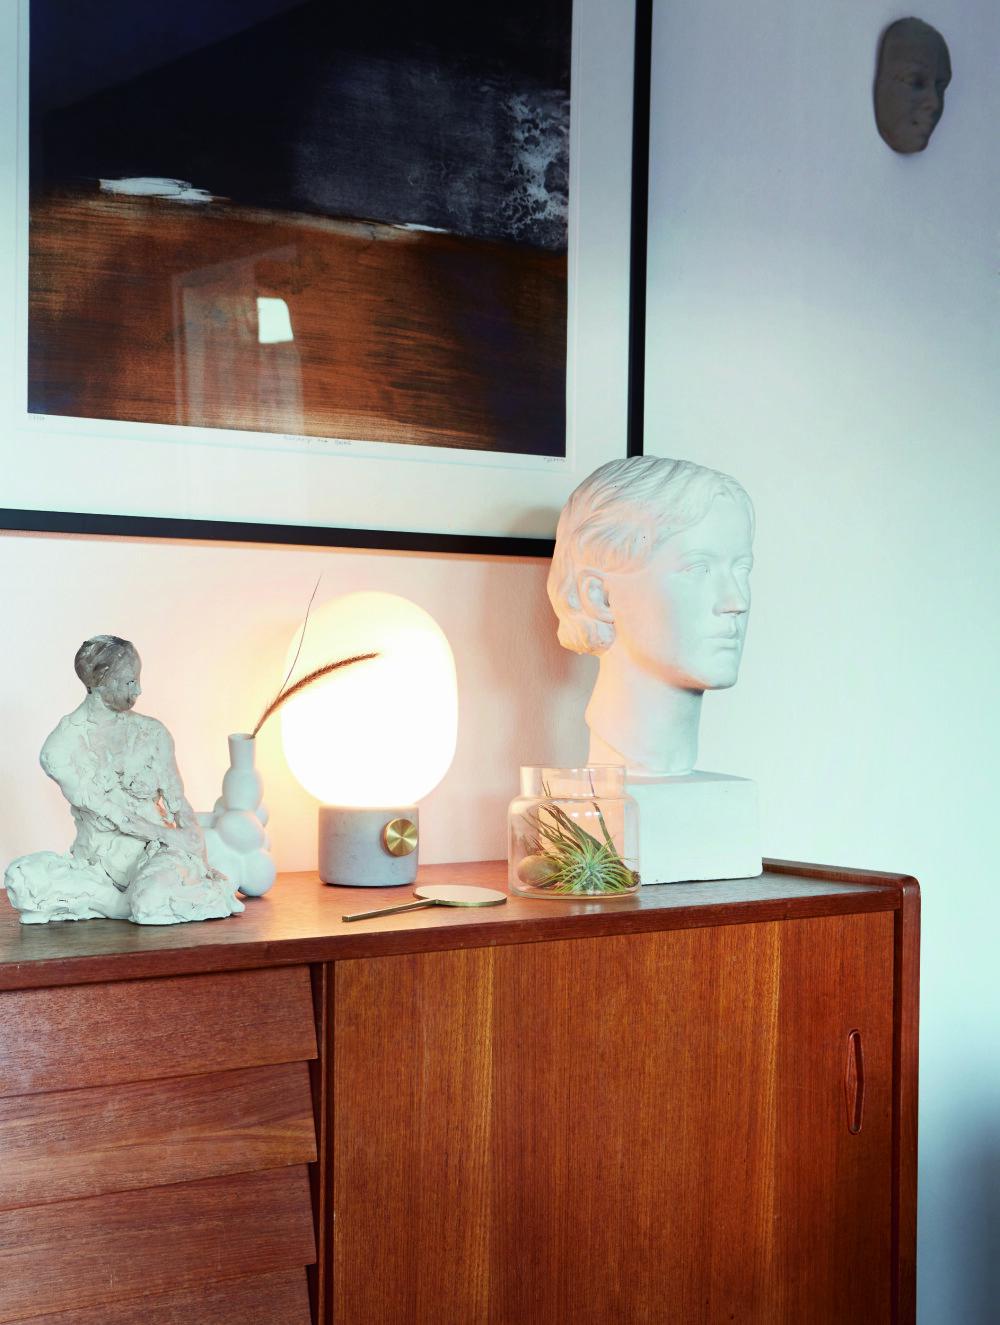 KUNSTNERISK STILLEBEN: Det hvite hodet er fransk og fra 1932, Rydeng Kunsthandel. Skulpturen i leire er laget av kunstneren Olaf Leon Roald. Bildet på veggen er signert Ørnulf Opdal.